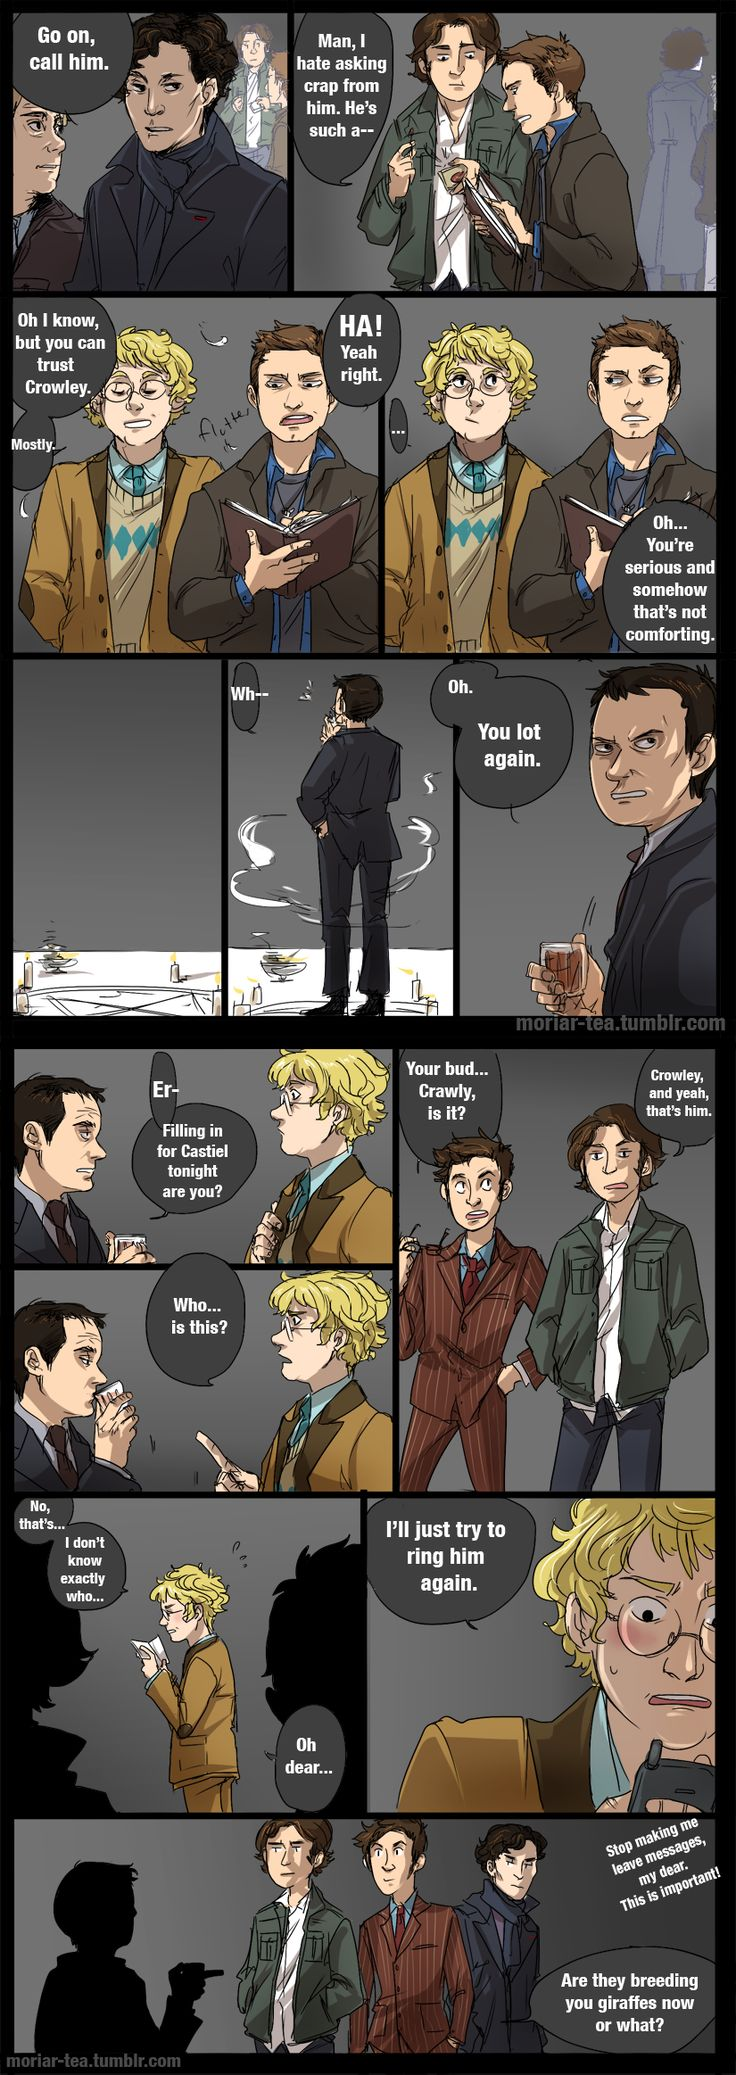 Sherlock meets the naked irene adler sherlock series 2 bbc - 2 6